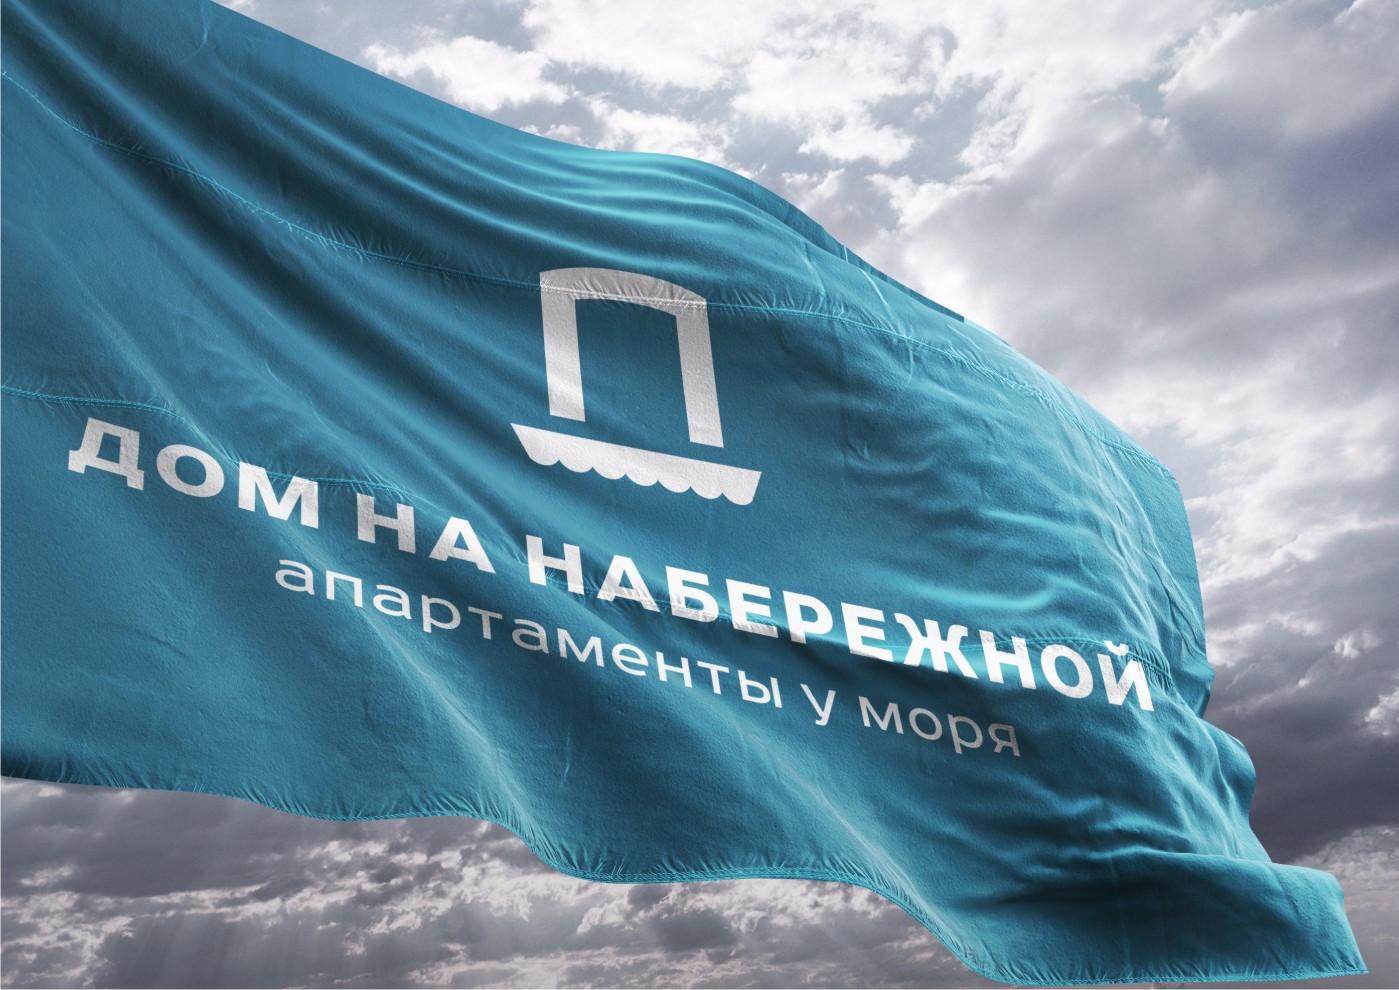 РАЗРАБОТКА логотипа для ЖИЛОГО КОМПЛЕКСА премиум В АНАПЕ.  фото f_9365de778d374fd7.jpg